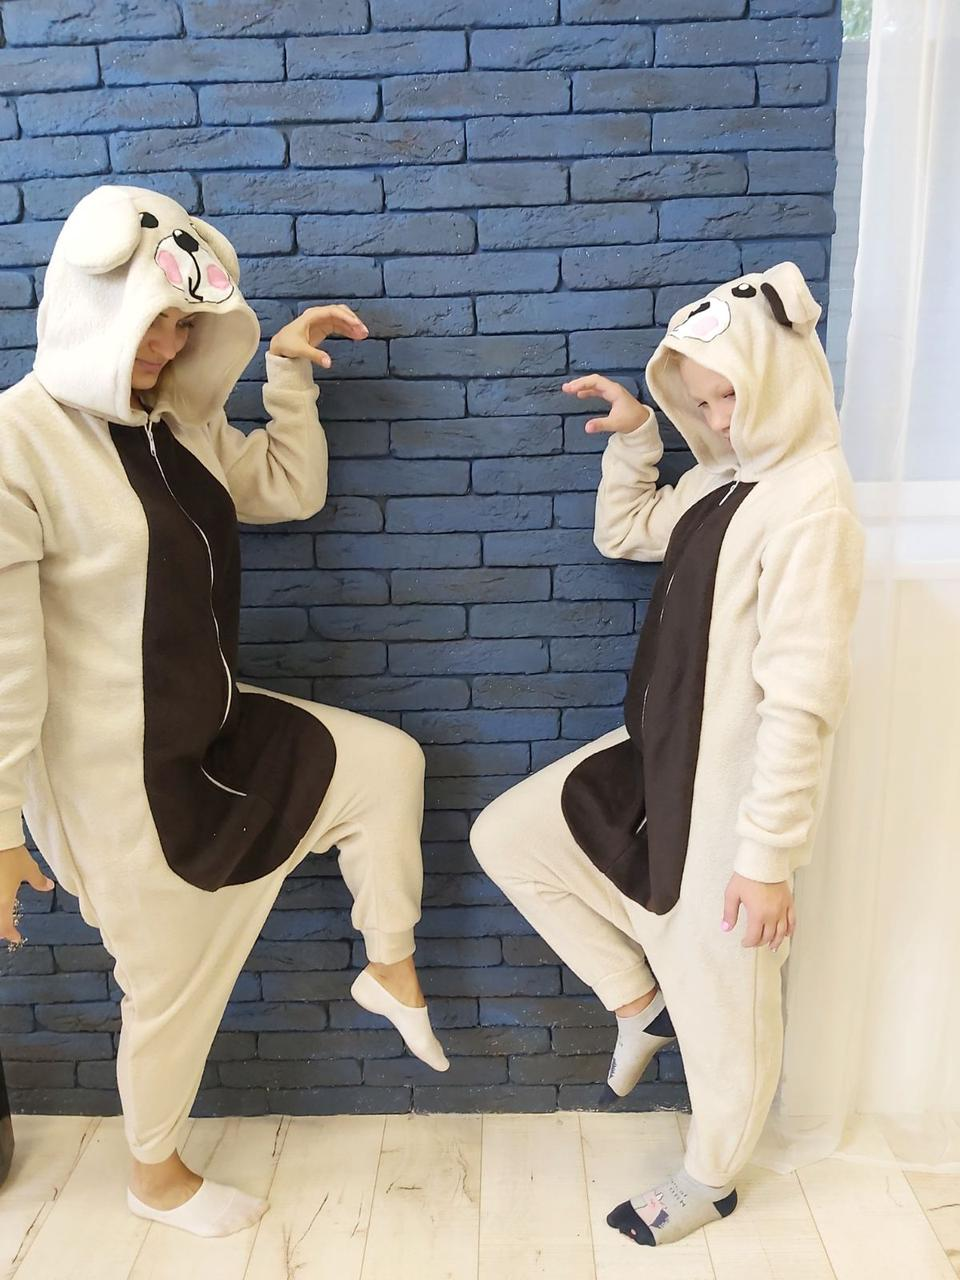 Пижама Кигуруми Медведь для детей и взрослых от Украинского производителя Размер 181-200+ см